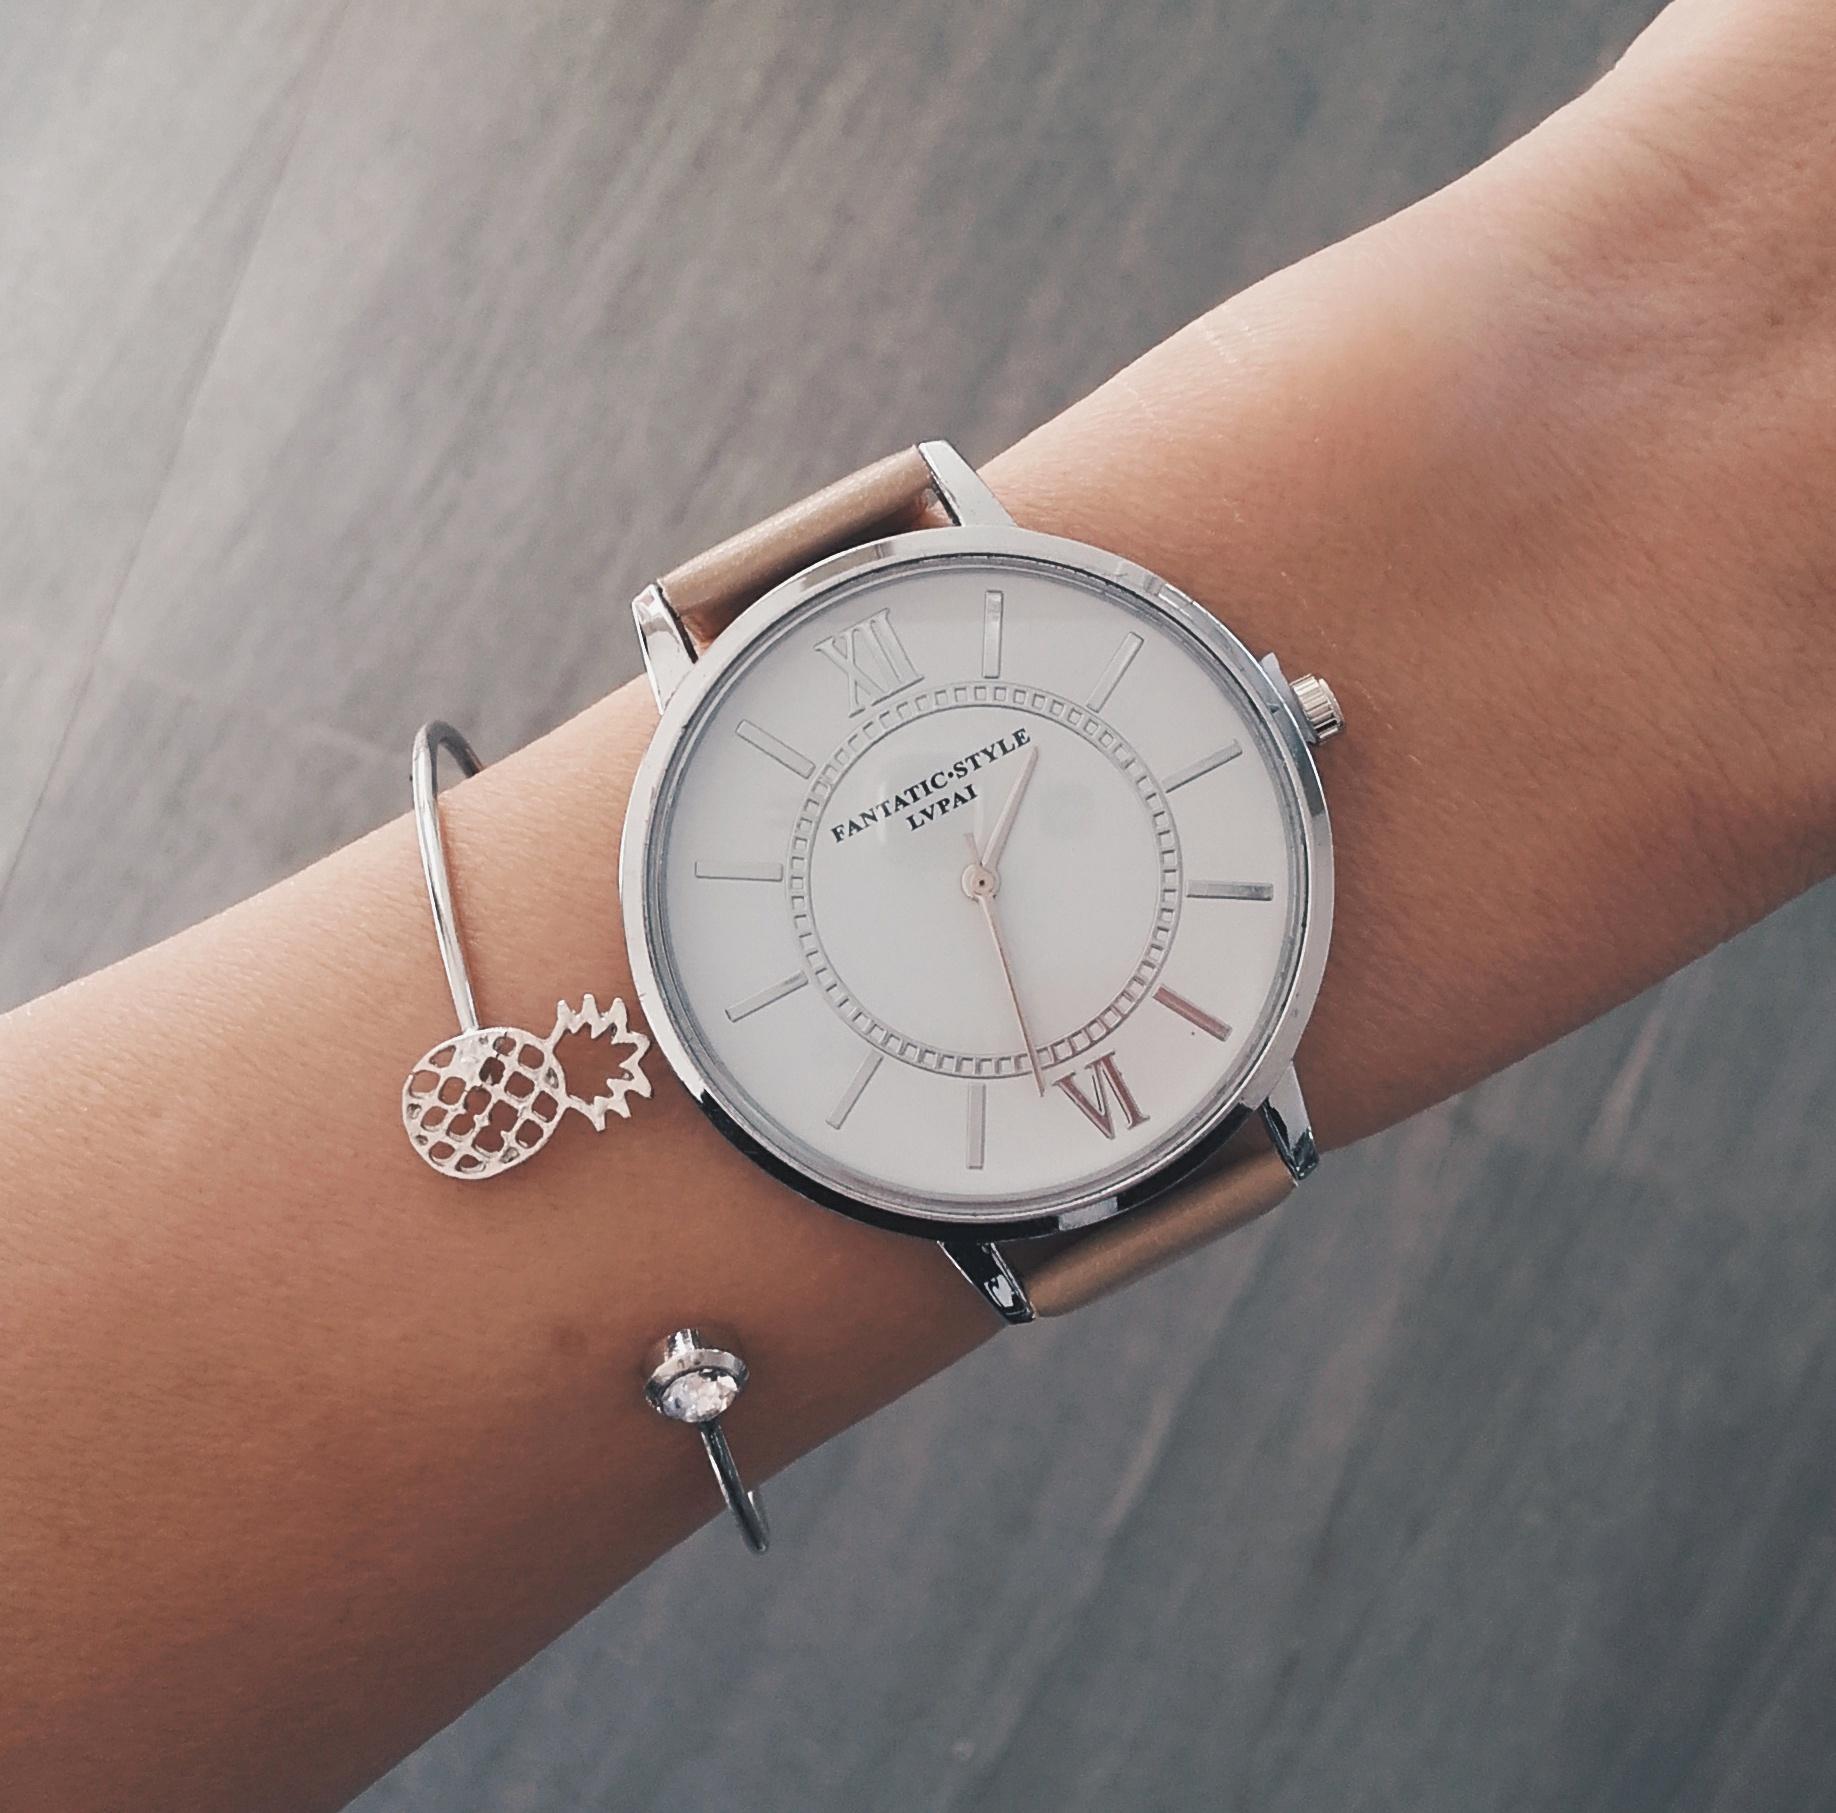 Montre bracelet femme originale fashion designs for Assiette originale pas cher